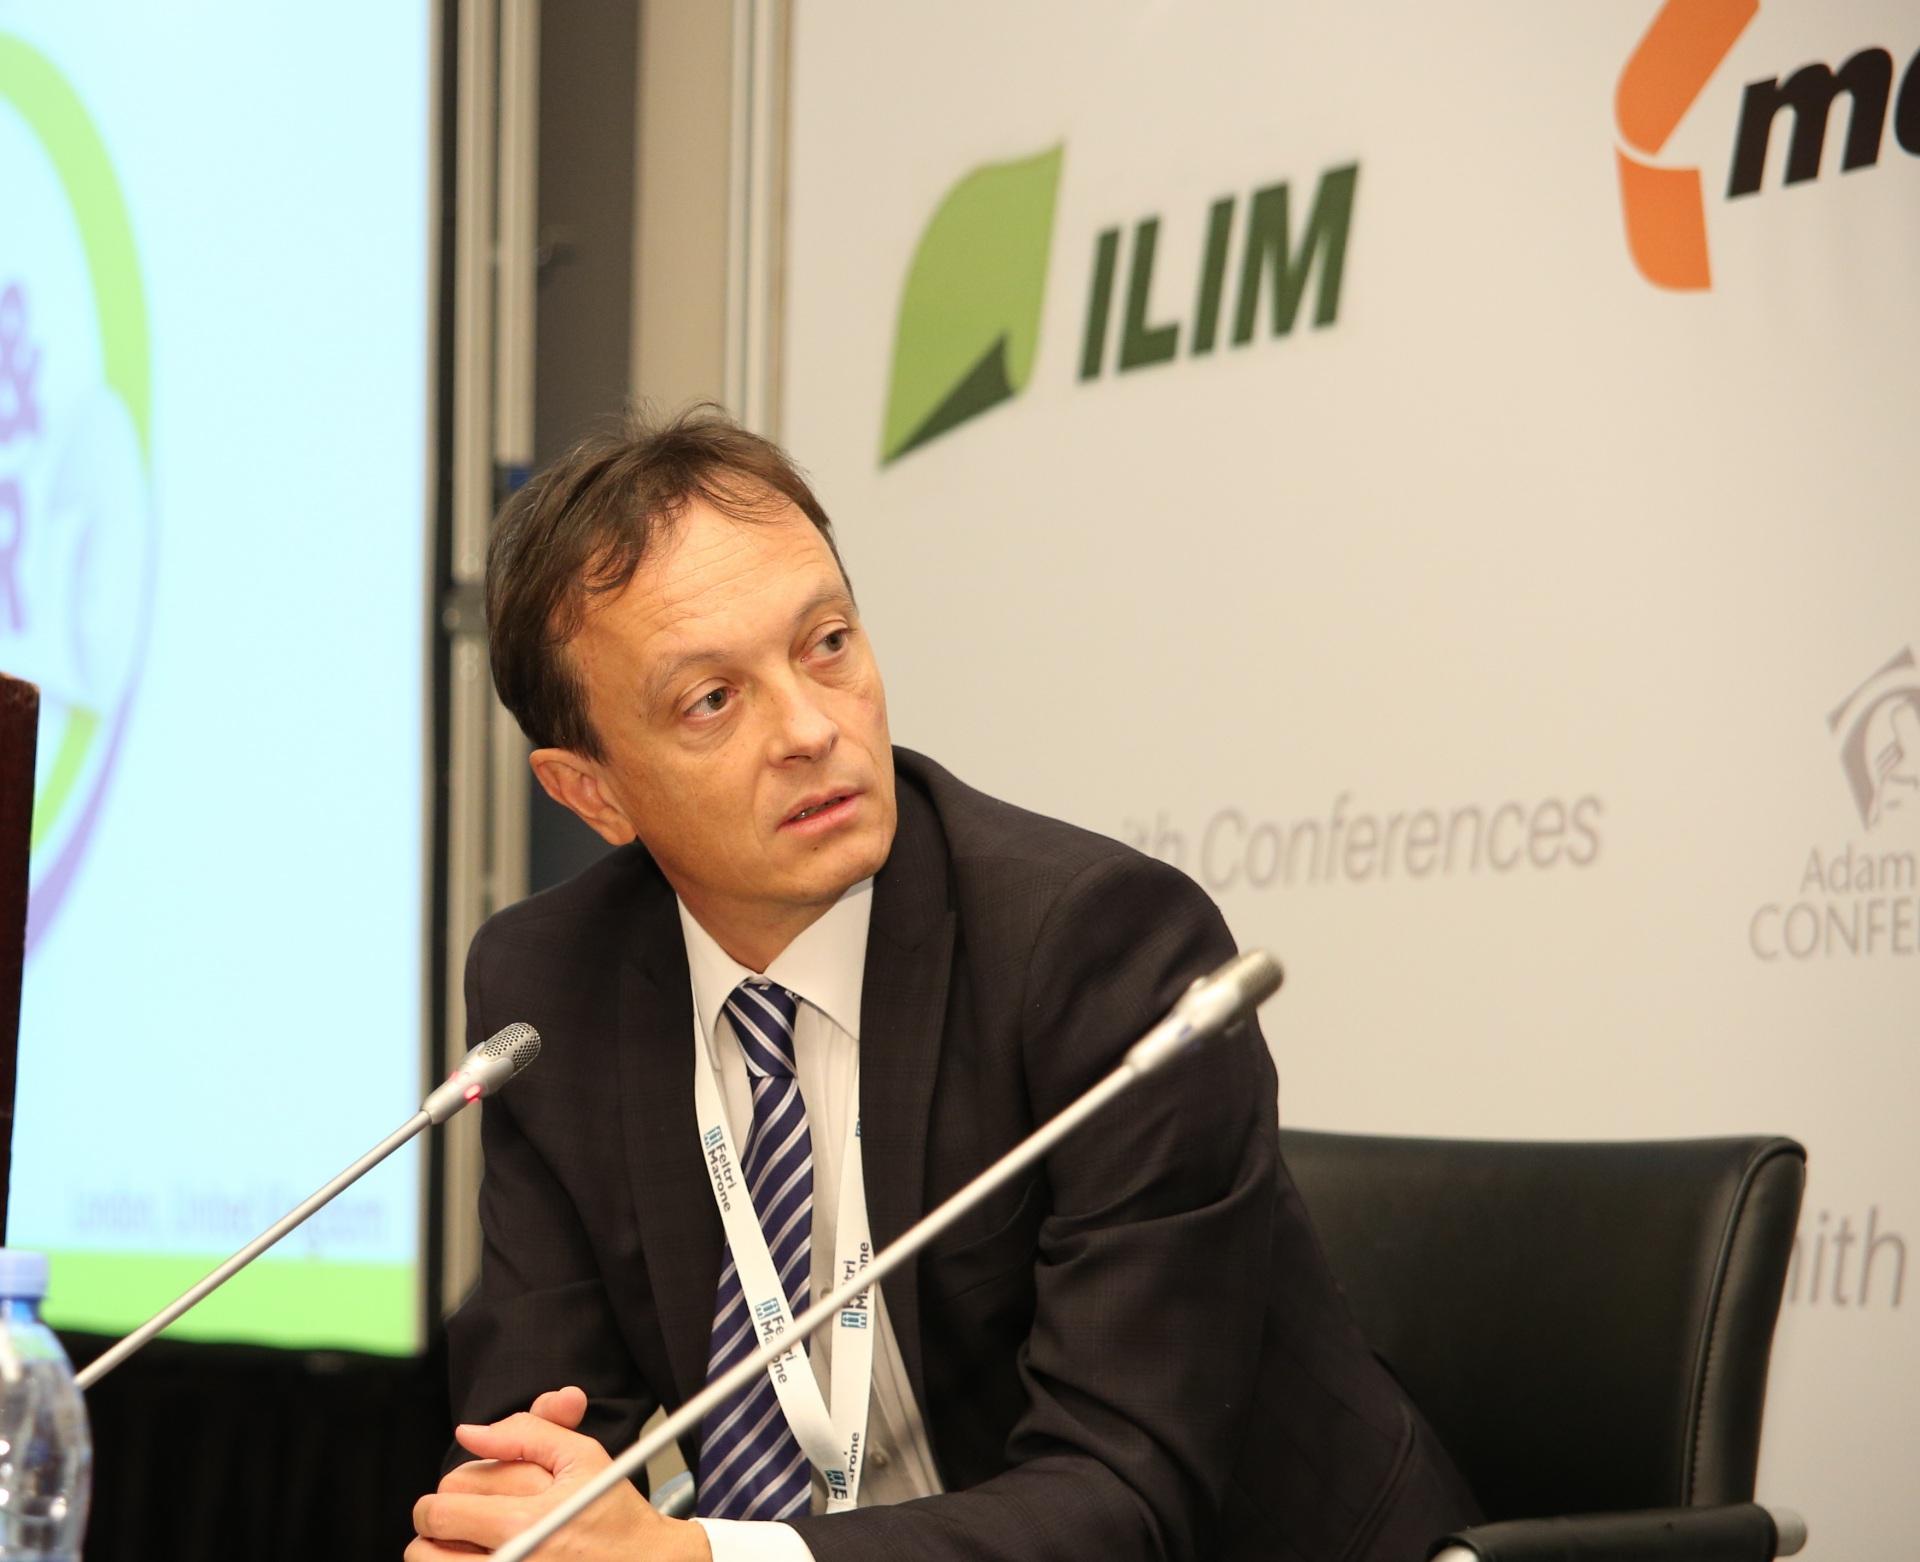 В ближайшие годы Монди СЛПК в инфраструктурные проекты вложит около 200 миллионов евро